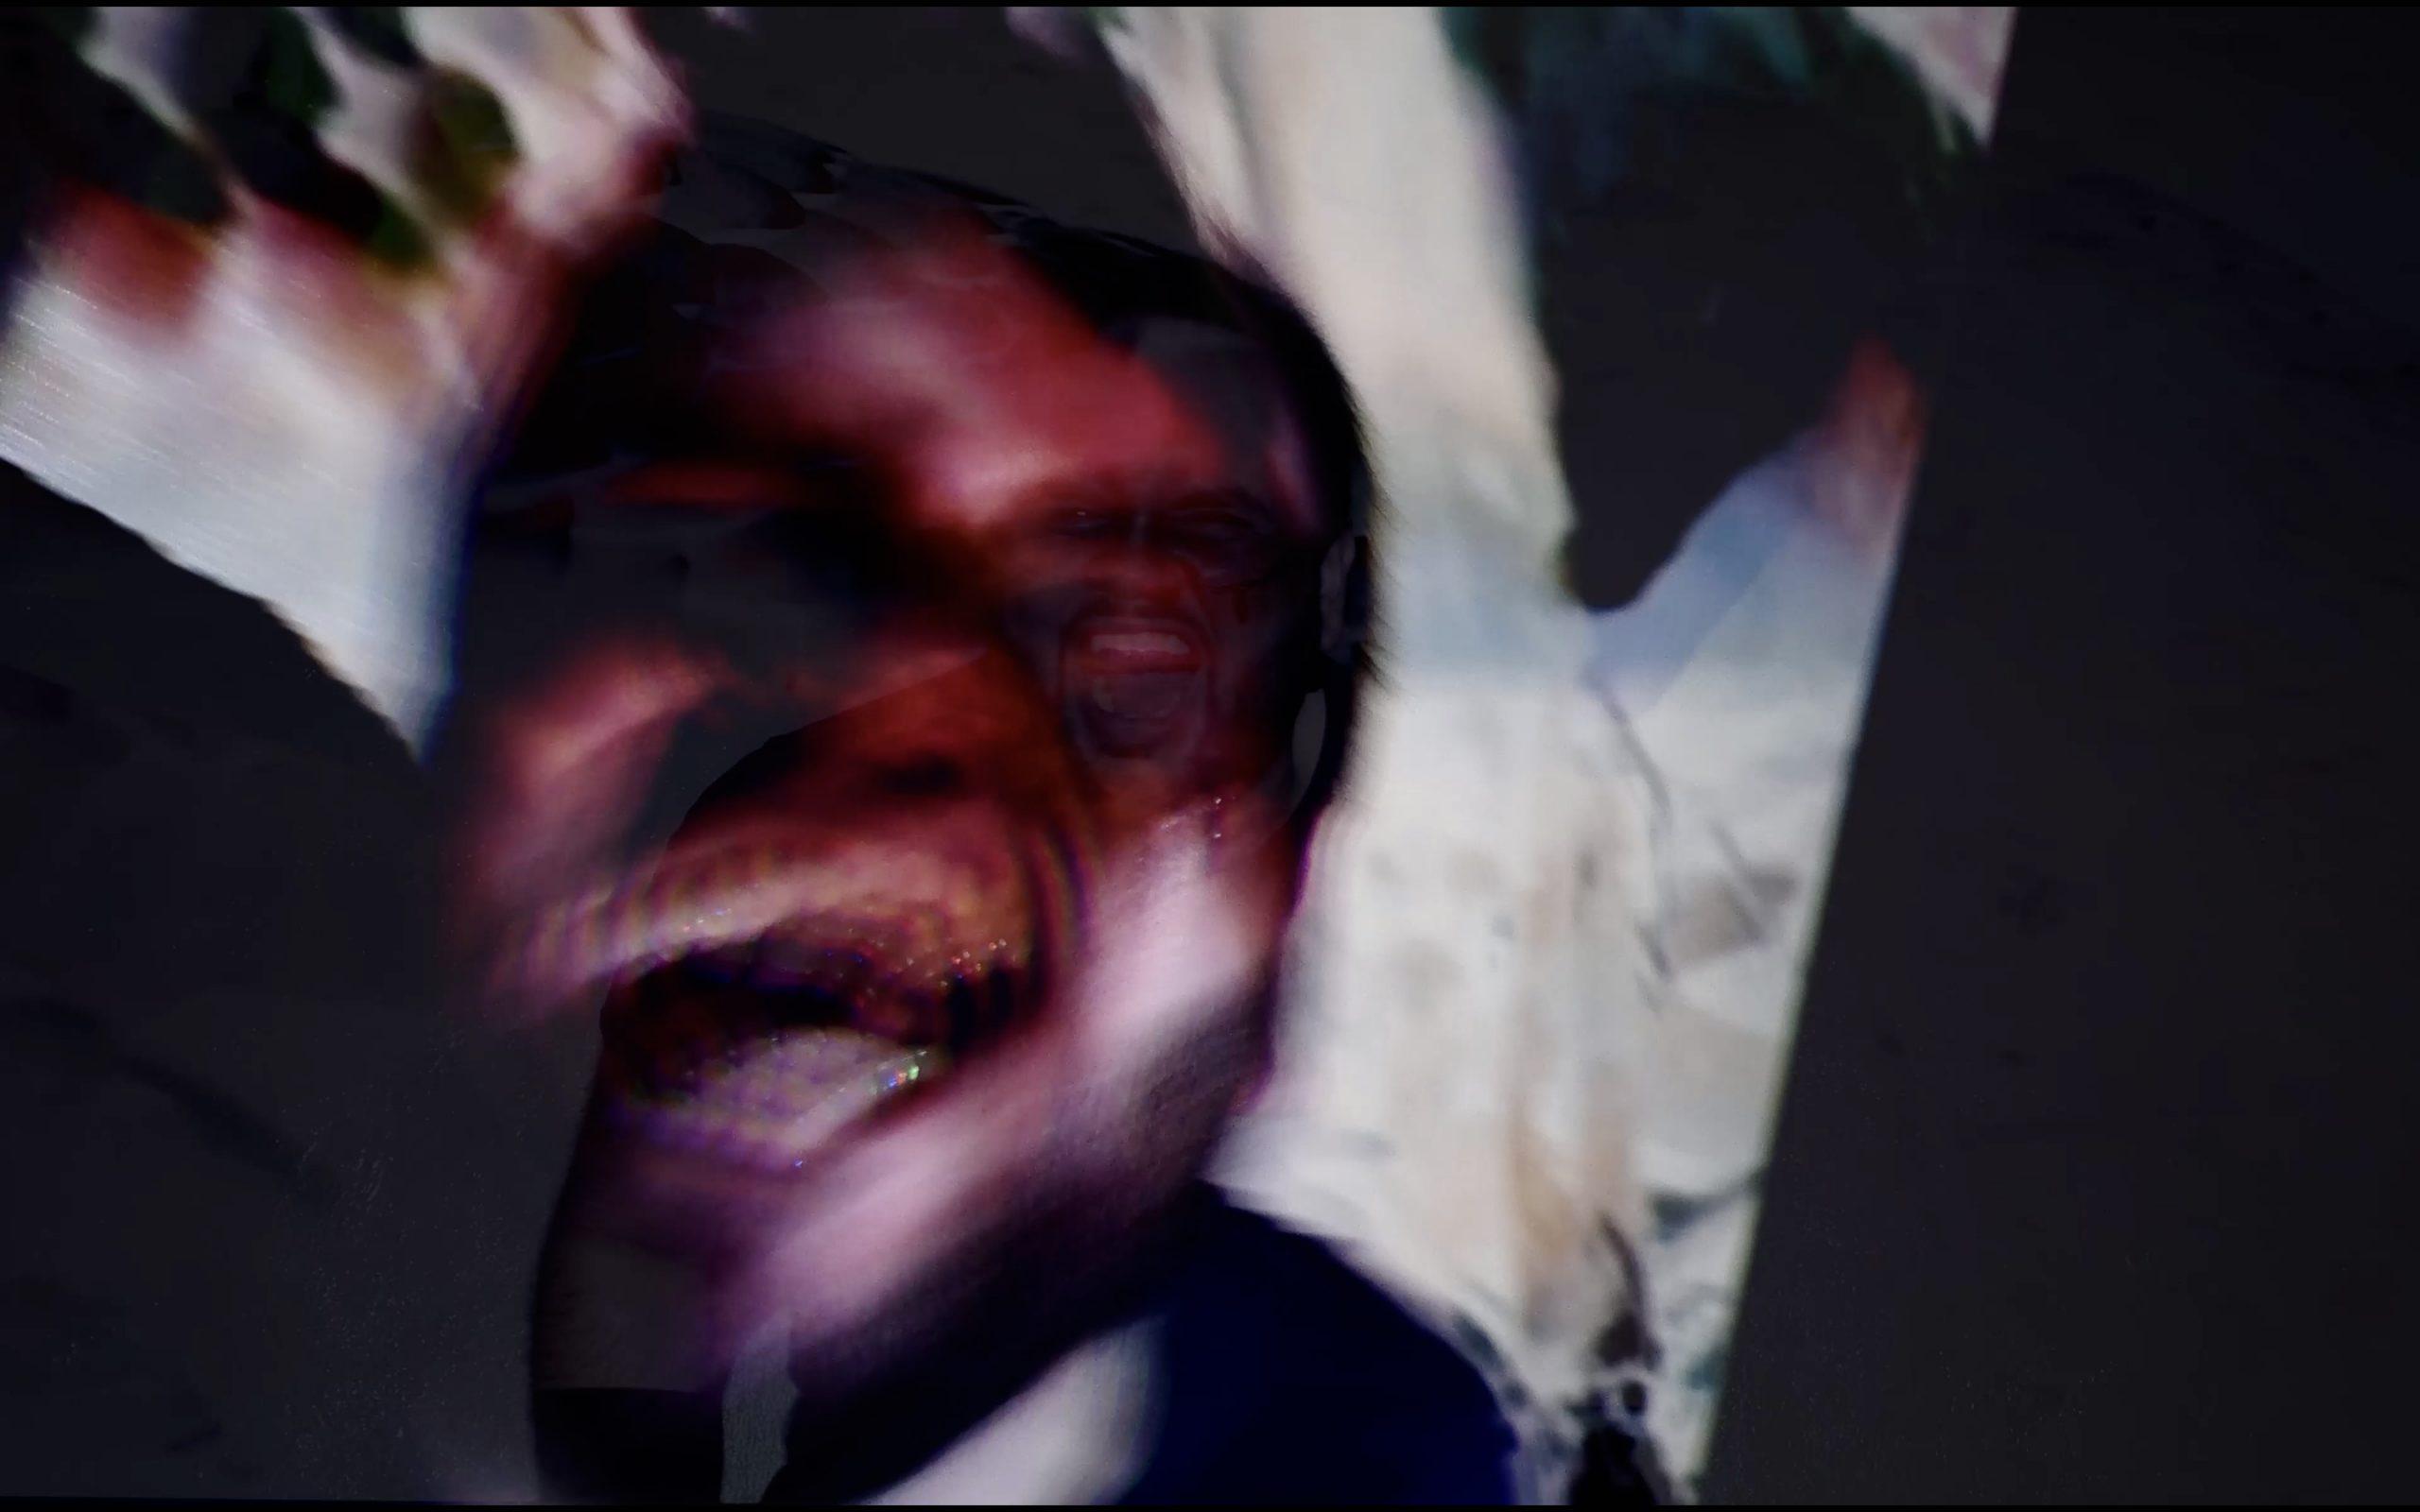 An artistic, blurry image of Jogir.